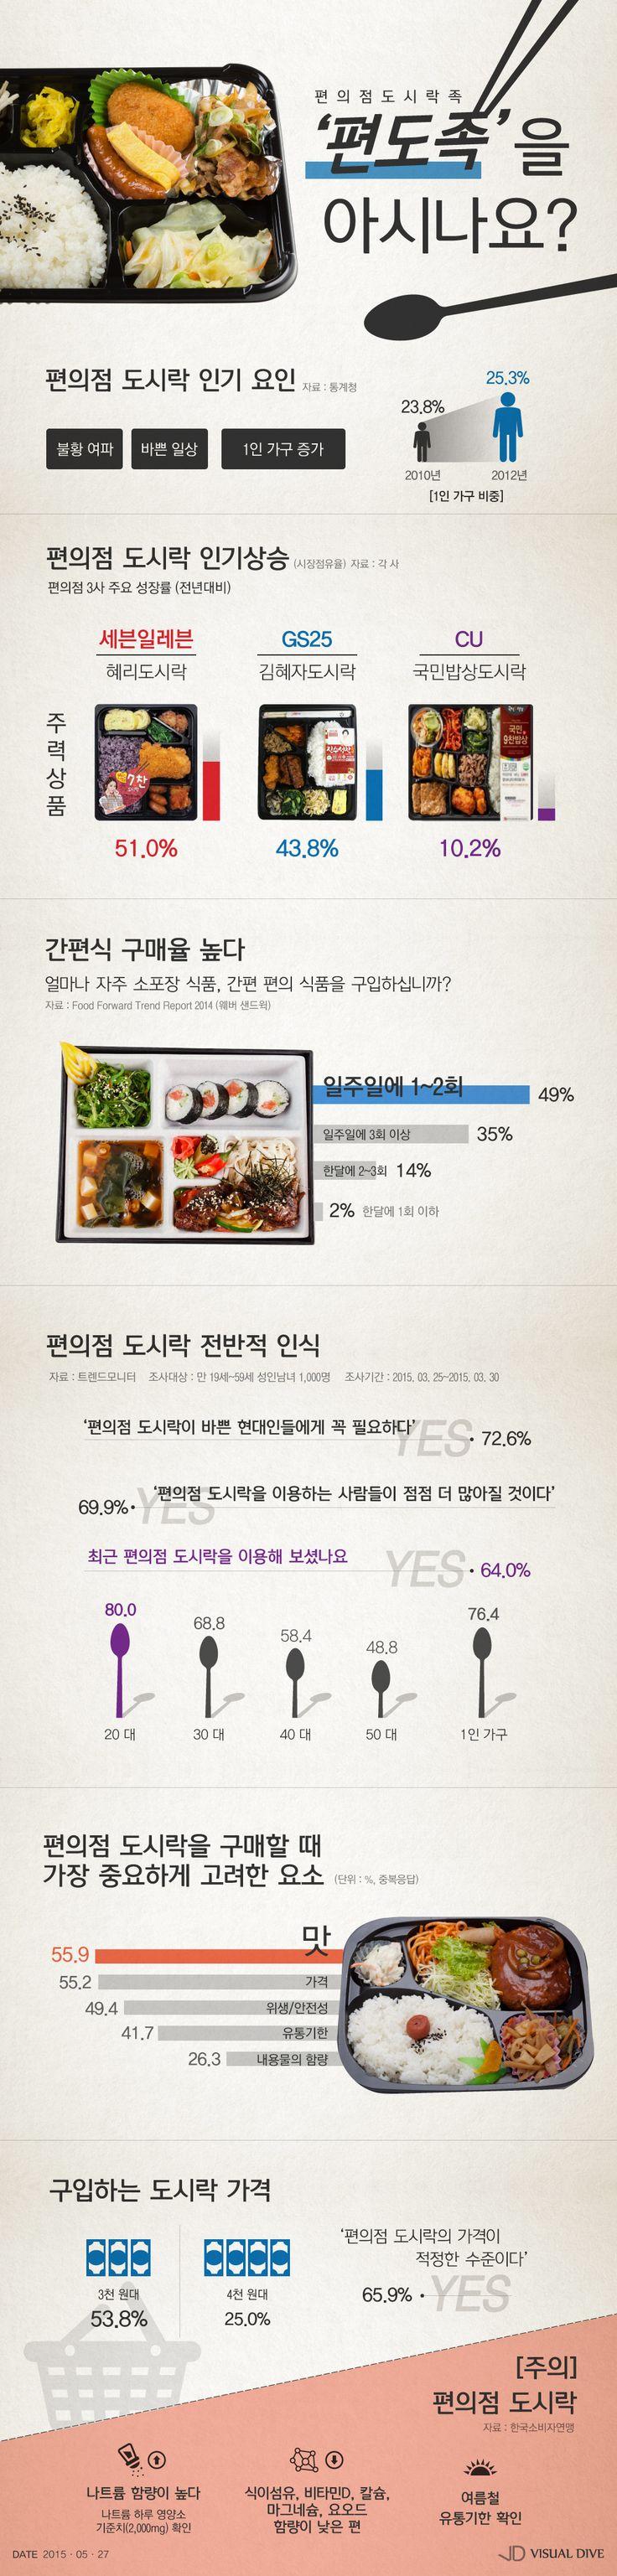 3~4천원으로 한 끼 해결?…'편도족'이 늘고 있다 [인포그래픽] #lunchbox / #Infographic ⓒ 비주얼다이브 무단 복사·전재·재배포 금지